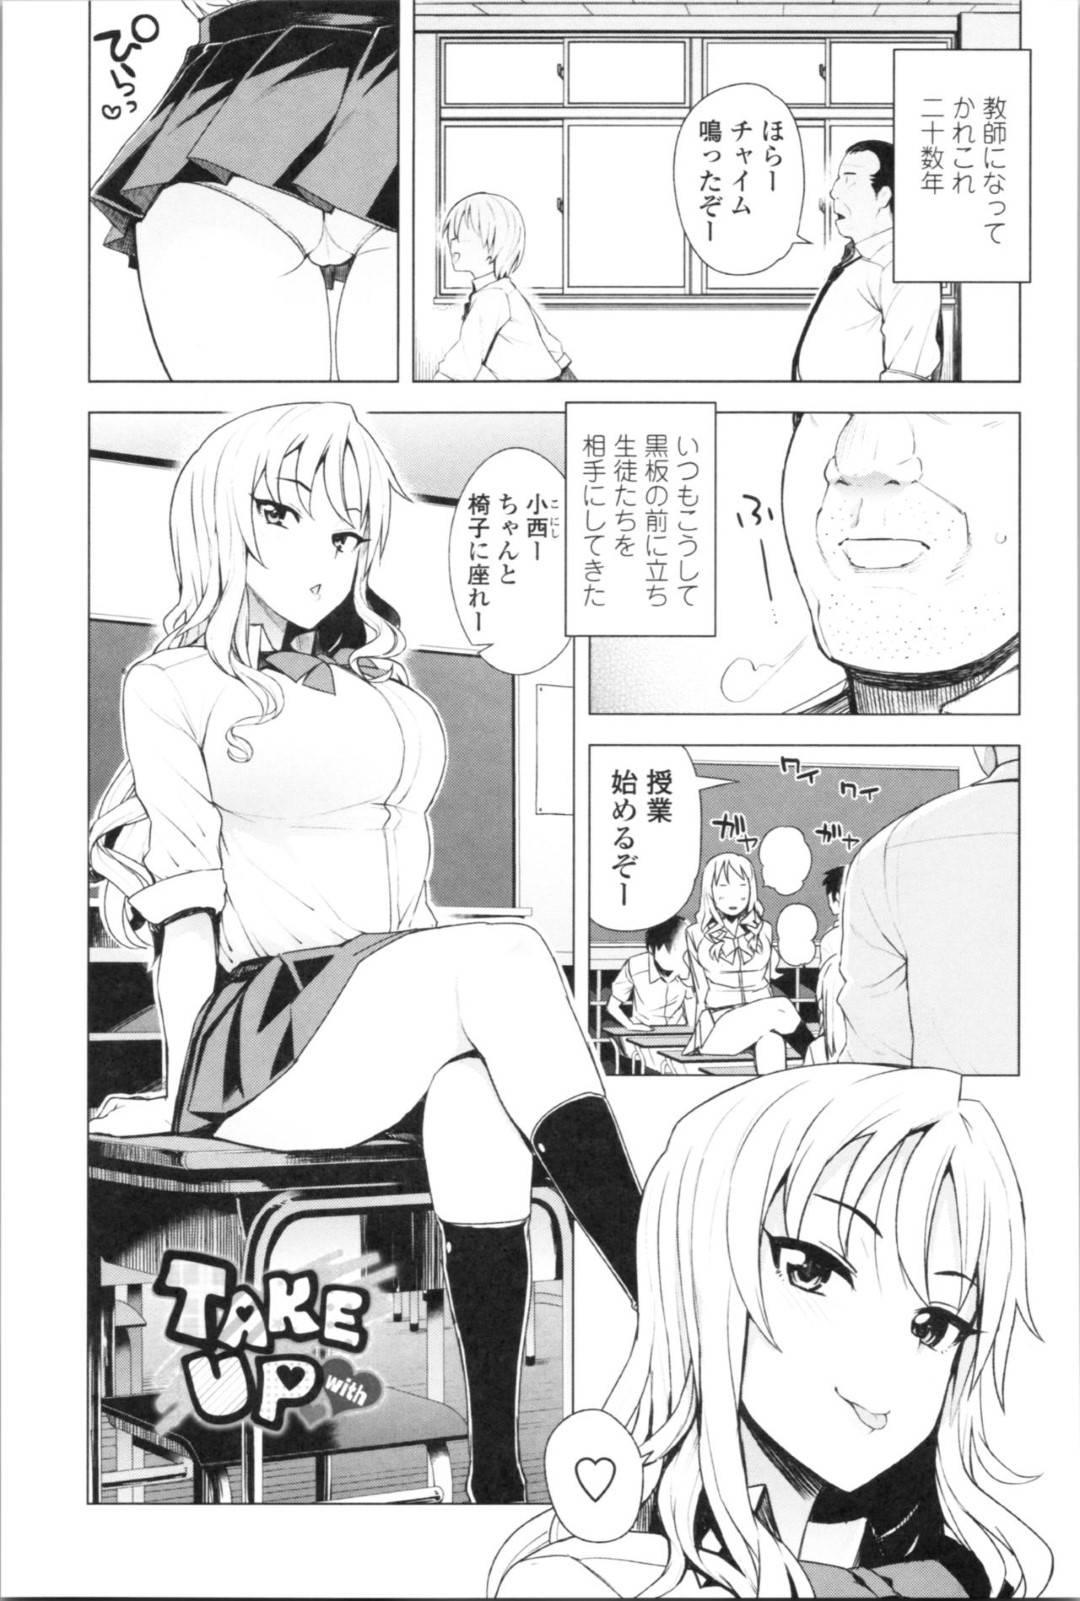 【エロ漫画】担任のおじさん教師と半同居するようになったギャルJK。淫乱な彼女は彼の事にエッチな事を誘惑するようになり、理性がぶっ飛んだ彼は顔面騎乗されたり、フェラされては大量射精したり、更にはセックスしたりと彼女とヤりまくる!